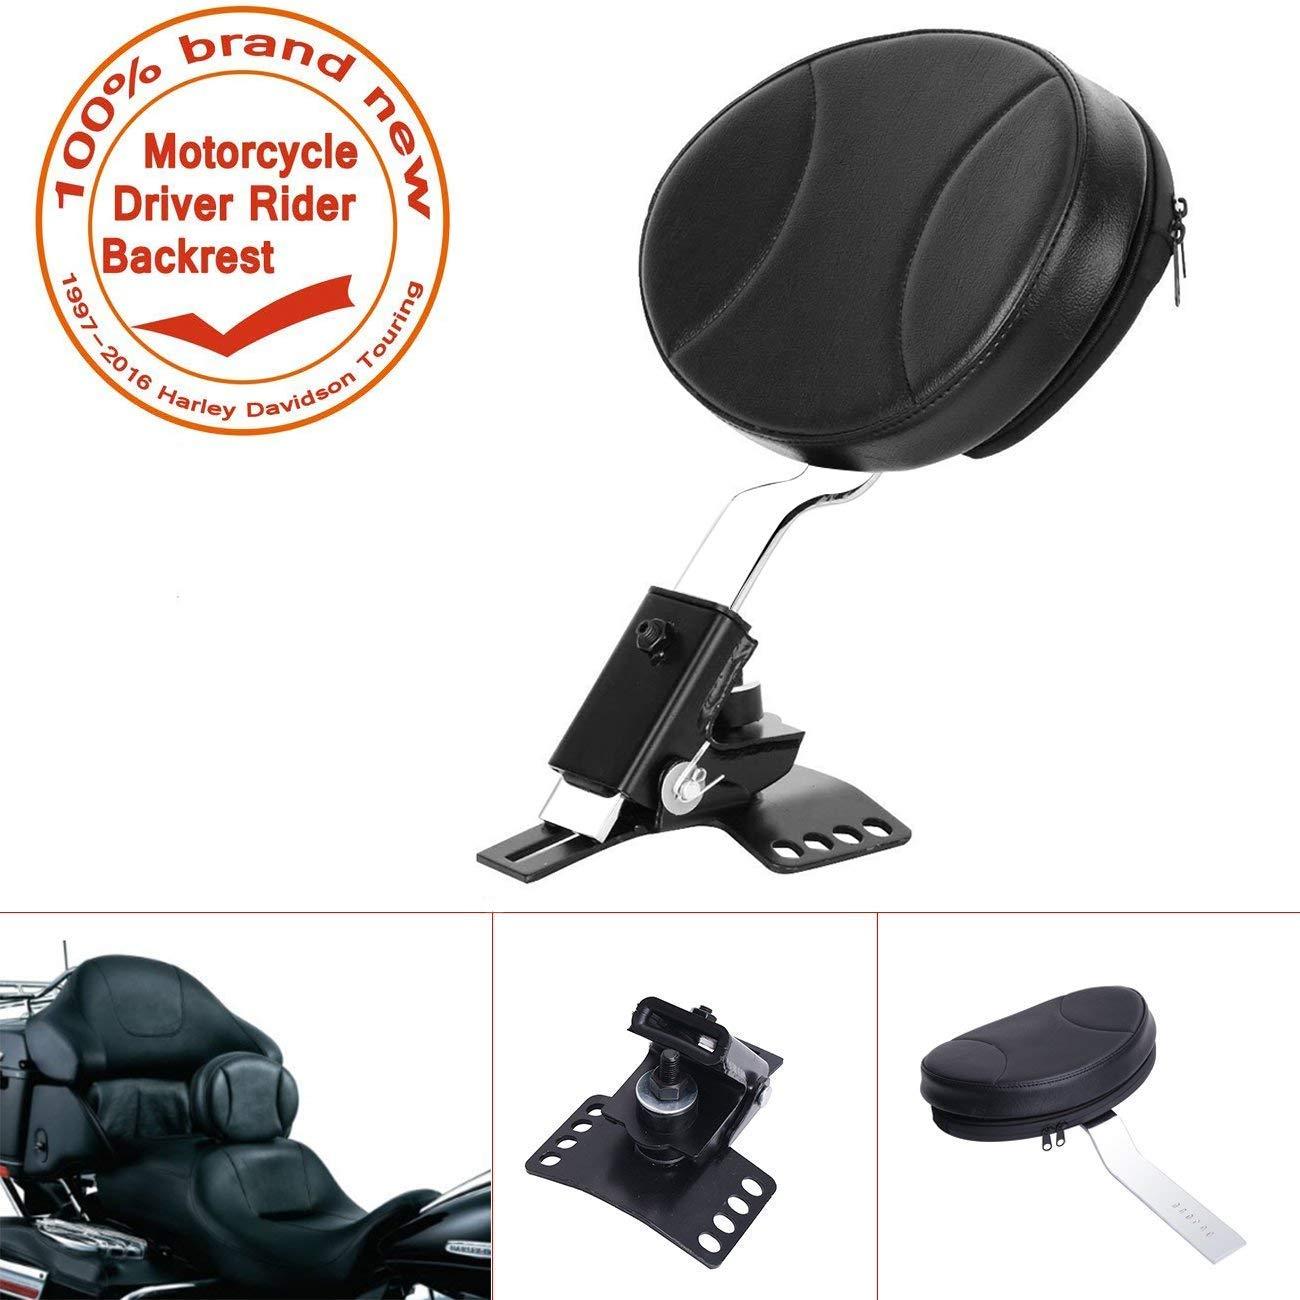 E-most Black Detachable Adjustable Driver Rider Backrest Custom Made For 1997-2016 Harley Davidson Touring Models Emost